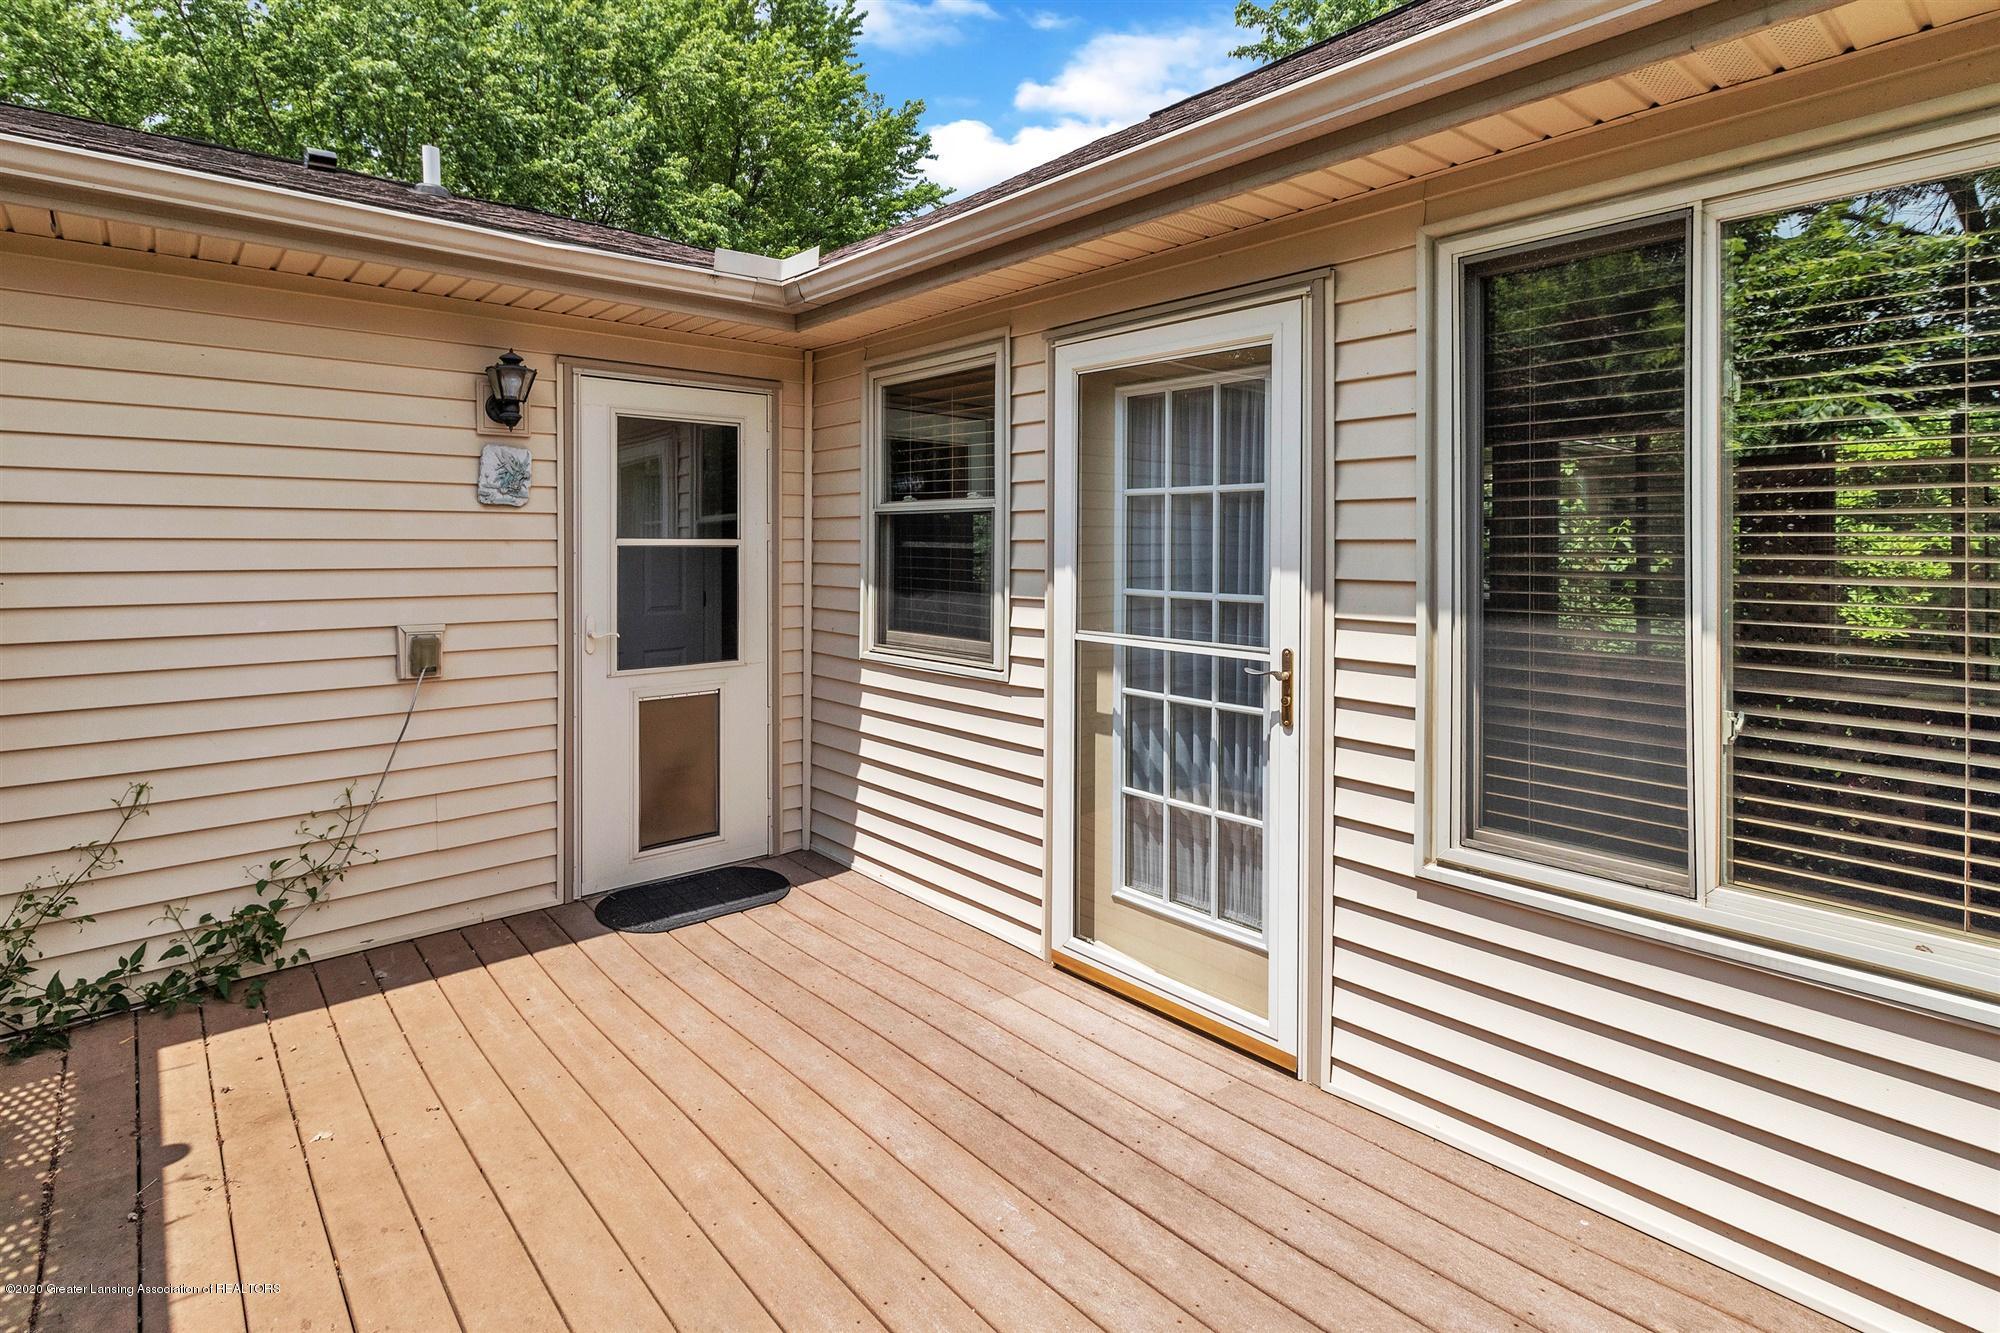 10494 Nixon Rd - 52-10494 Nixon Rd-windowstill-reale - 50